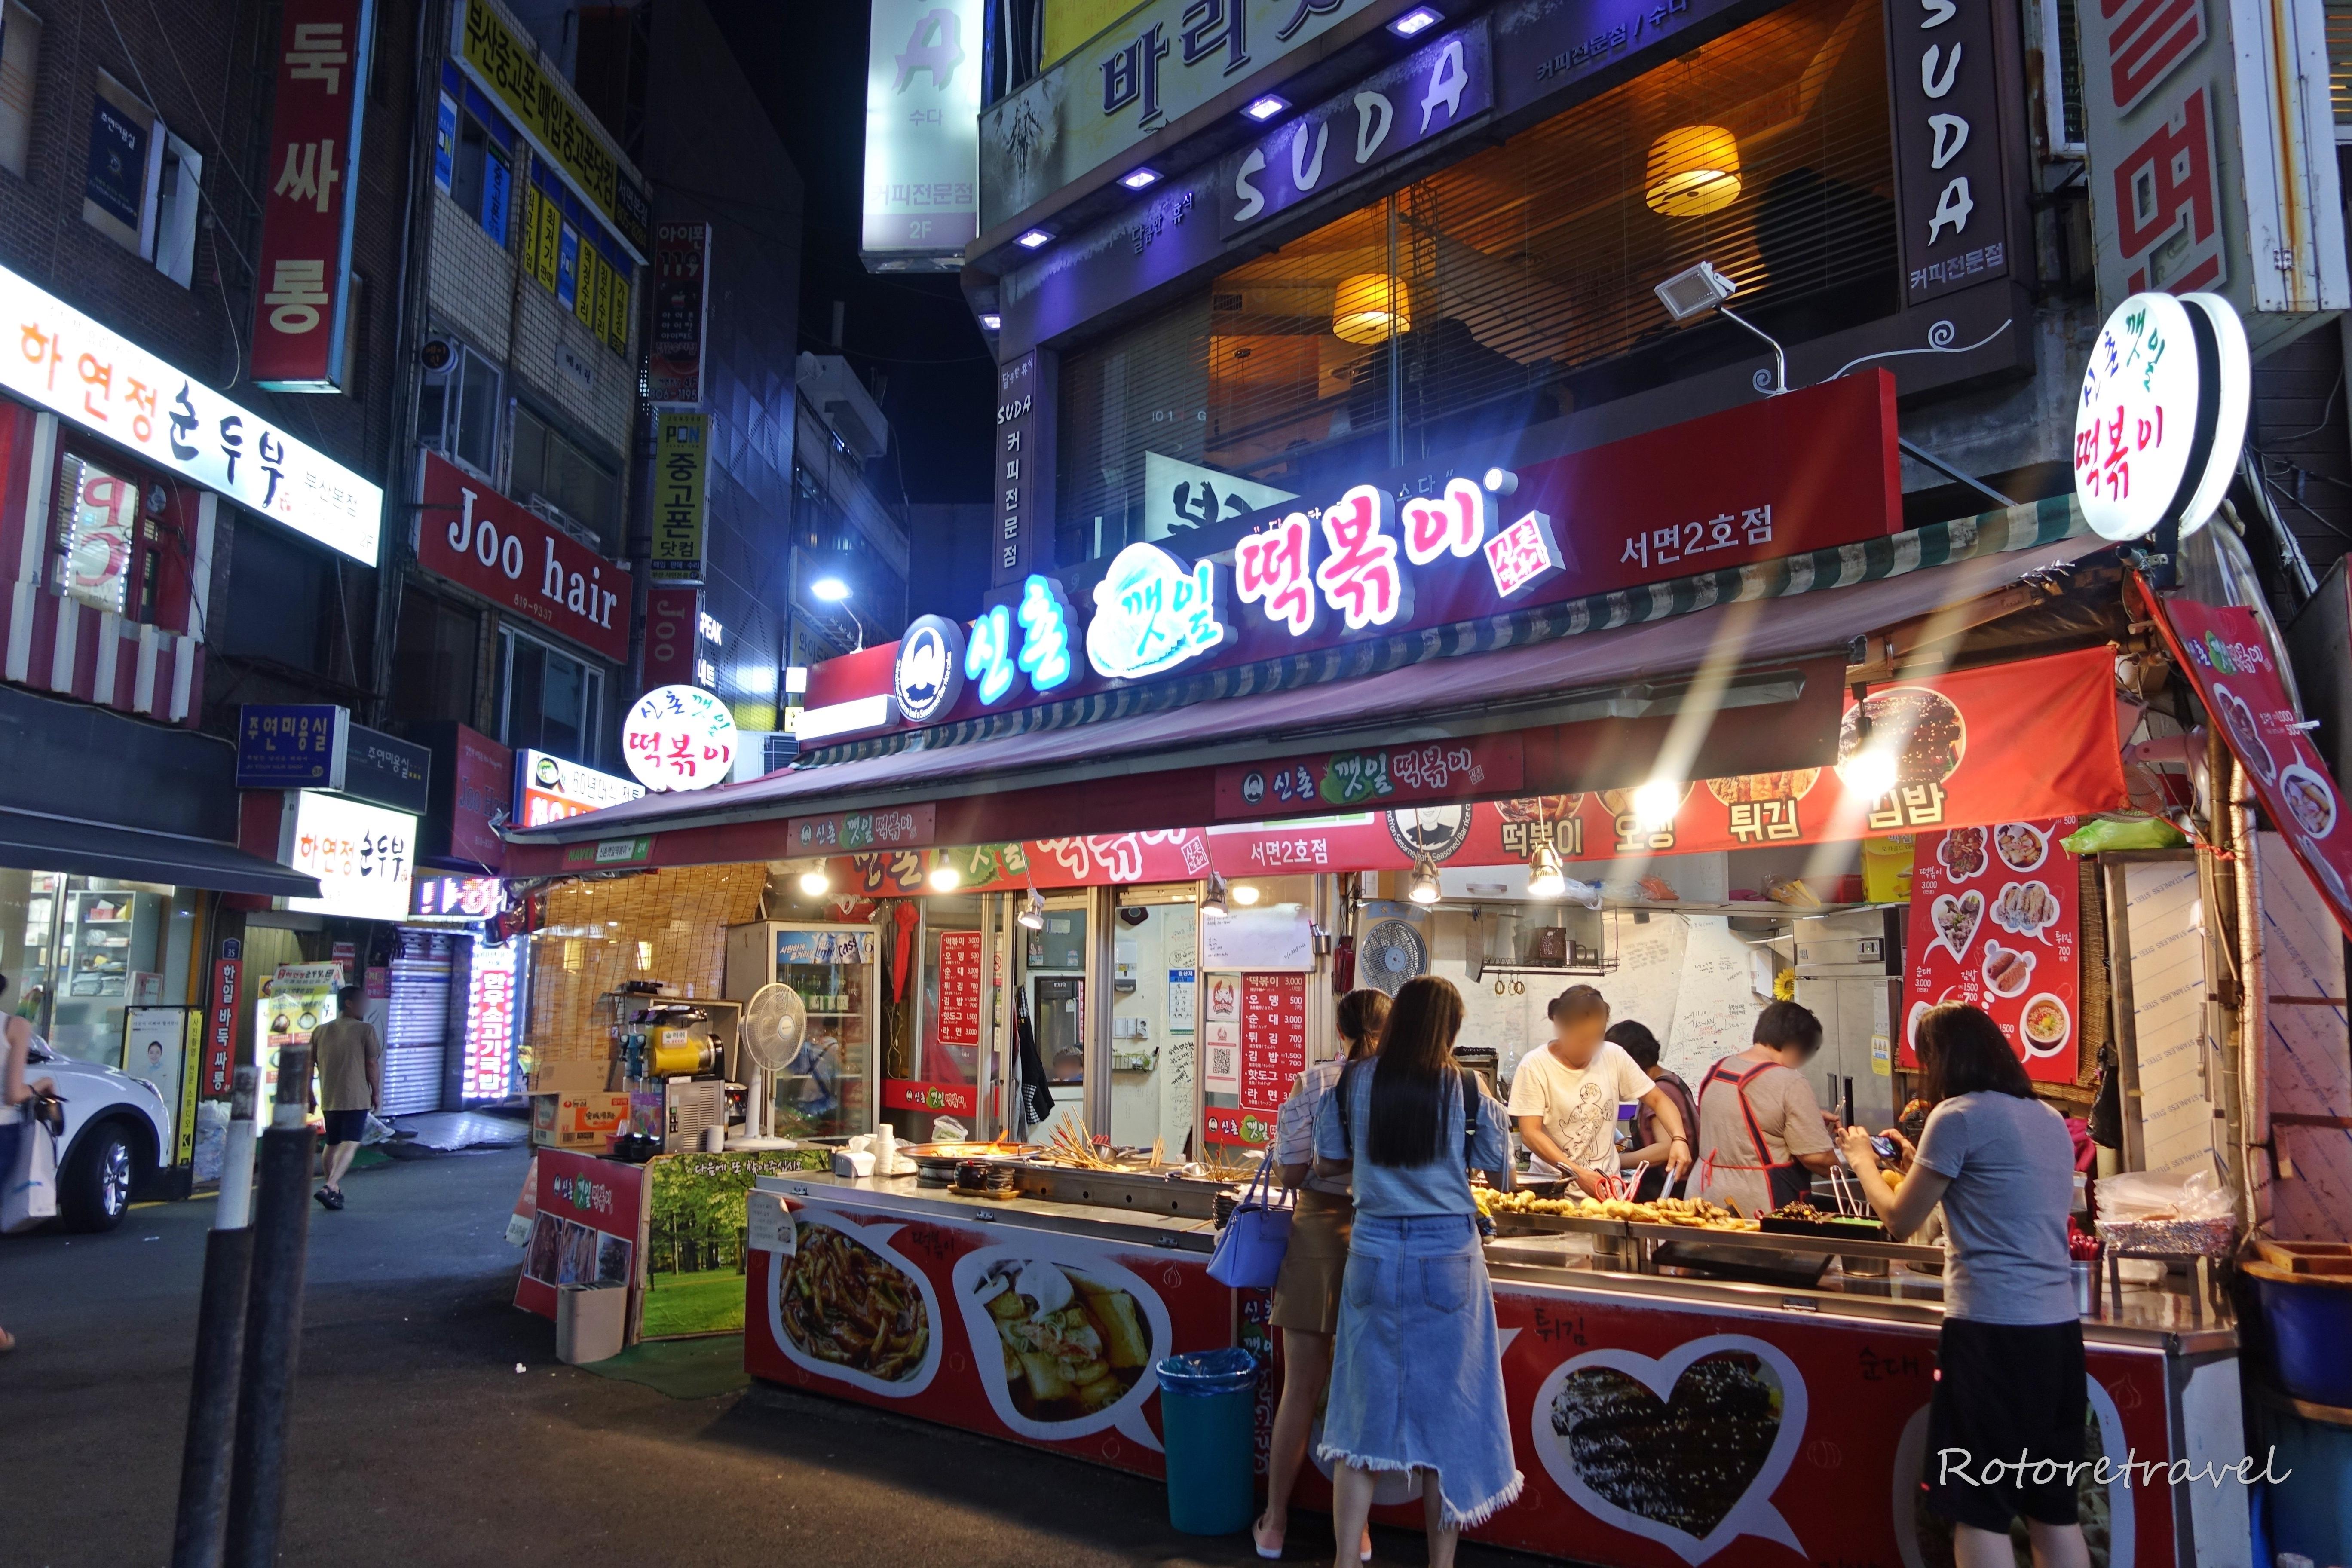 【韓国・釜山】西面(ソミョン)でLet's 食べ歩き!結局行きつく先は屋台飯(2018